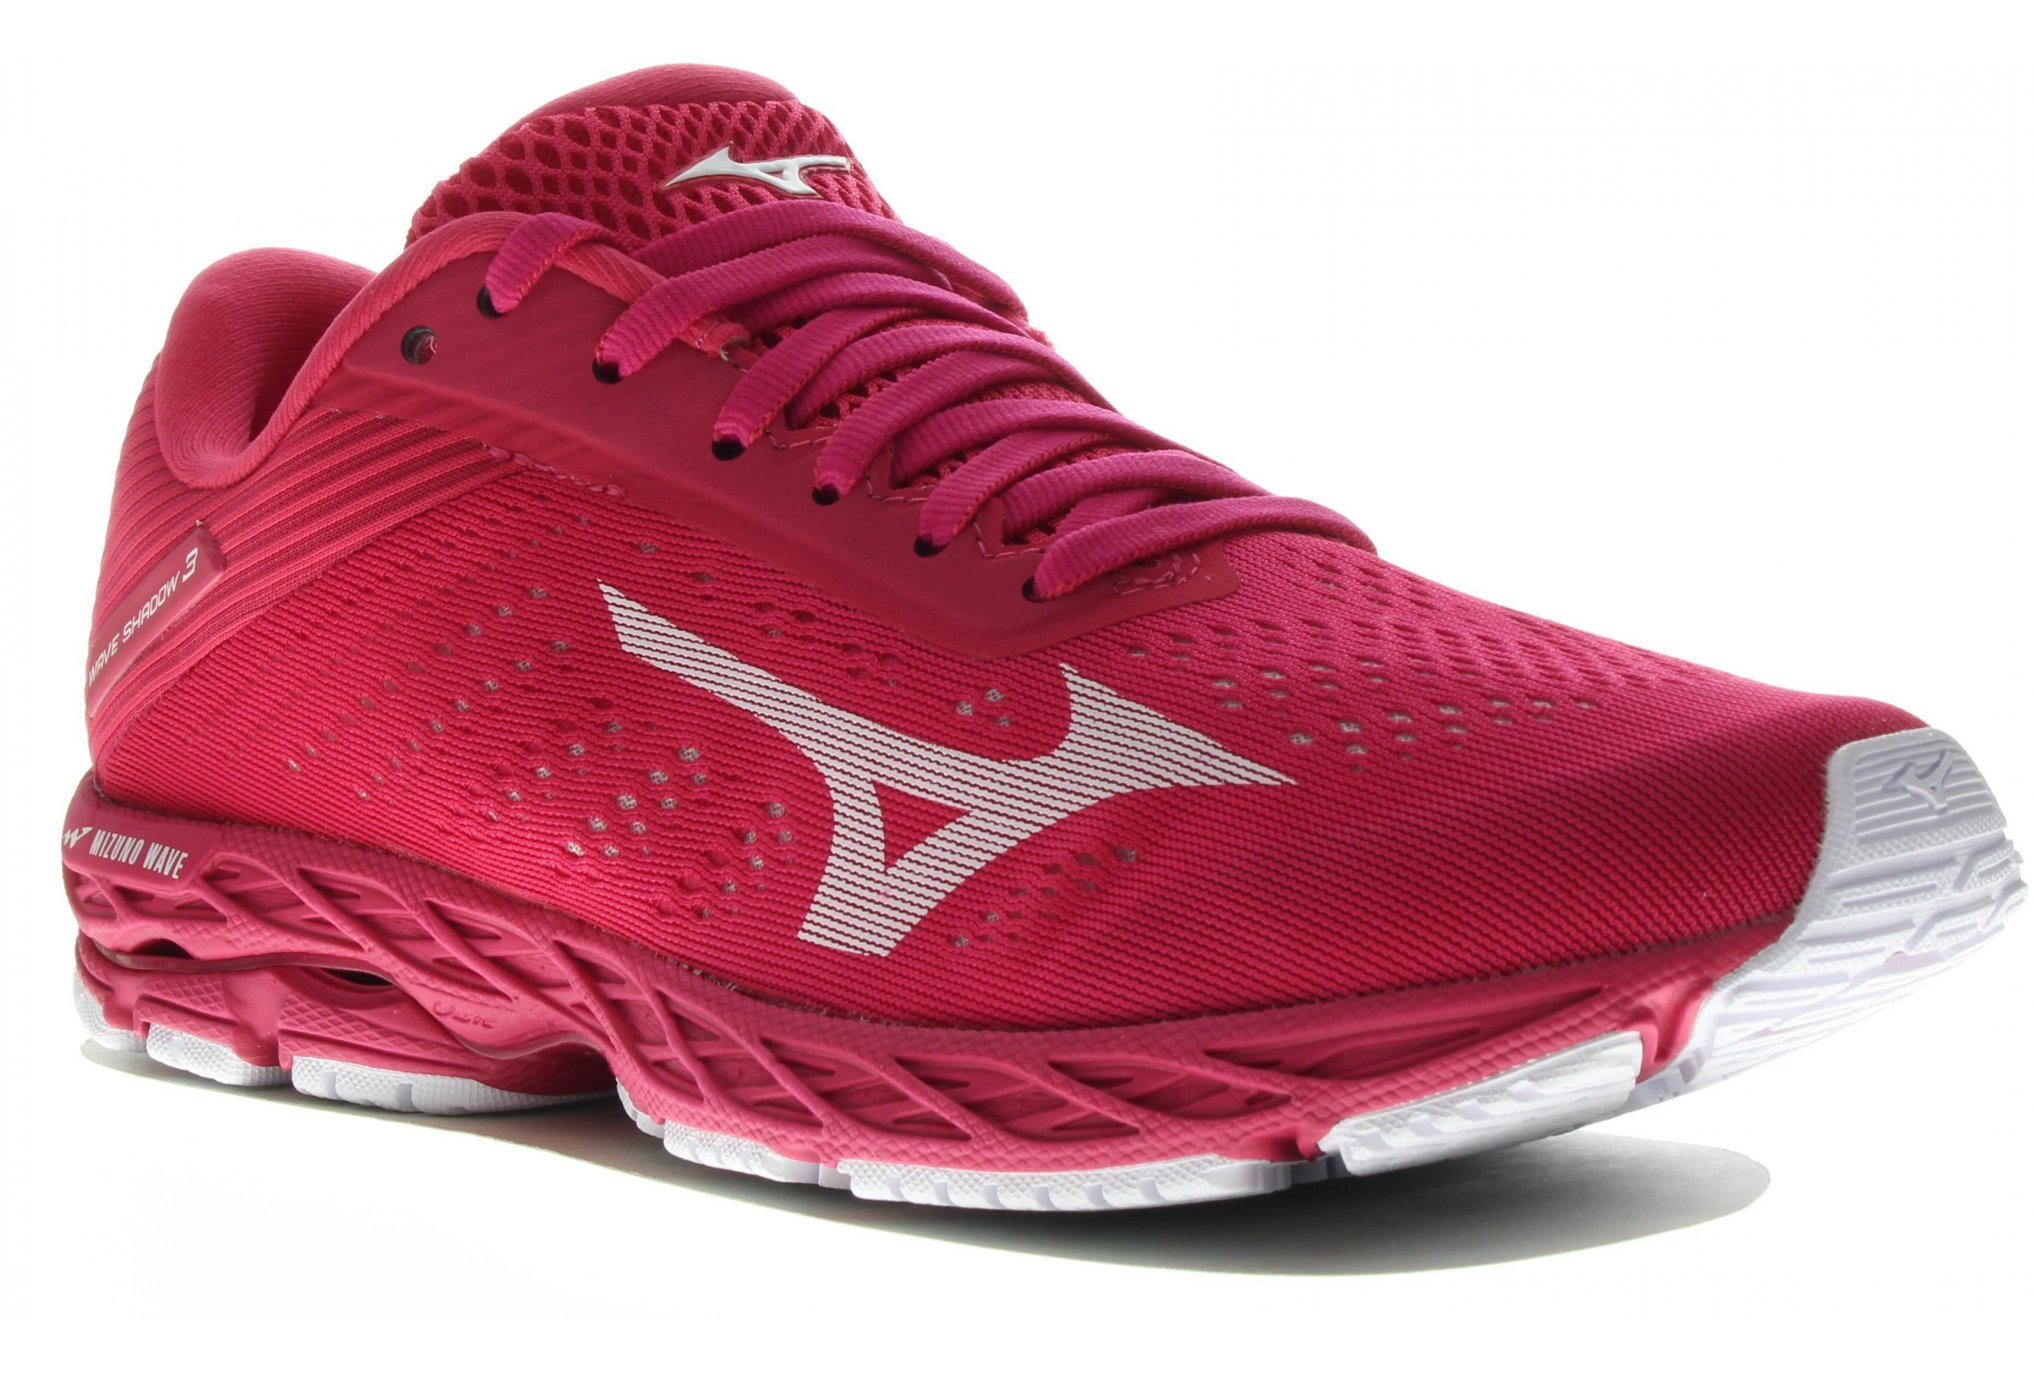 Mizuno Wave Shadow 3 Chaussures running femme